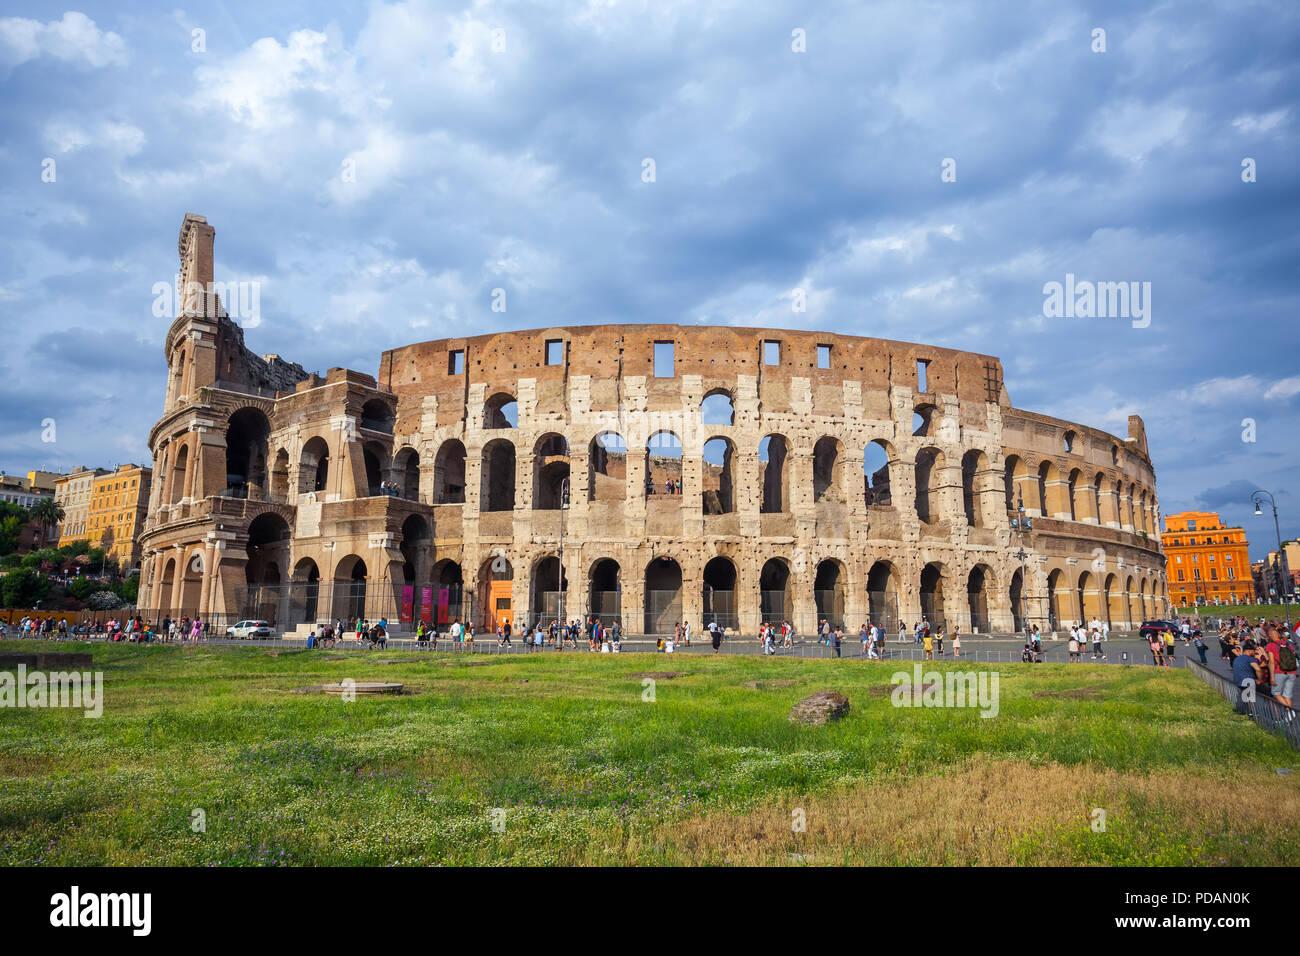 a21b35fbc0 Roma, Italia - 22.06.2018: il Colosseo a Roma, Italia. Colosseo